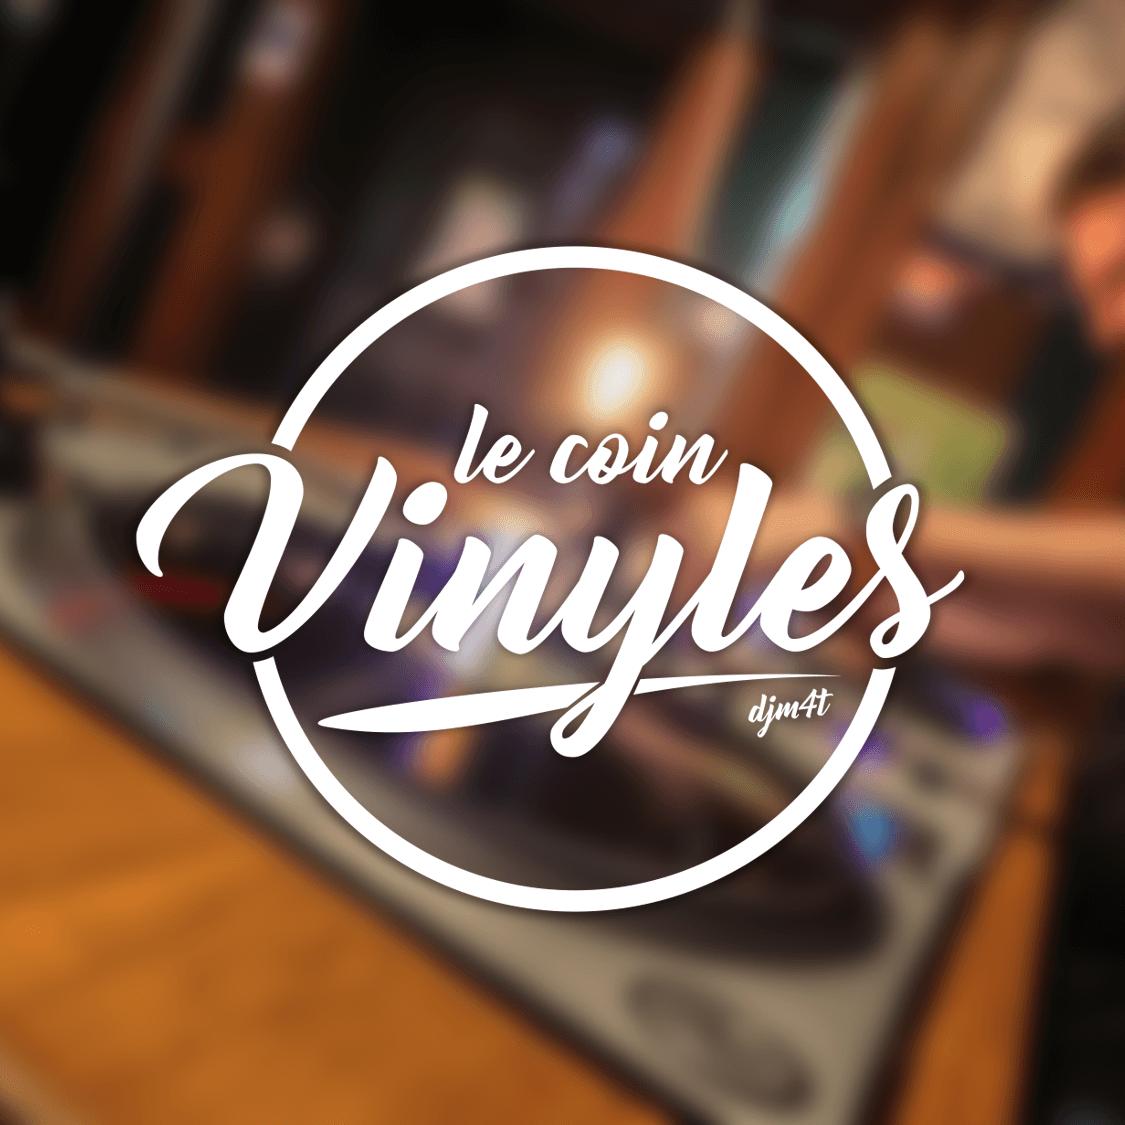 dj_vinyl_vintage_boheme_vinyle